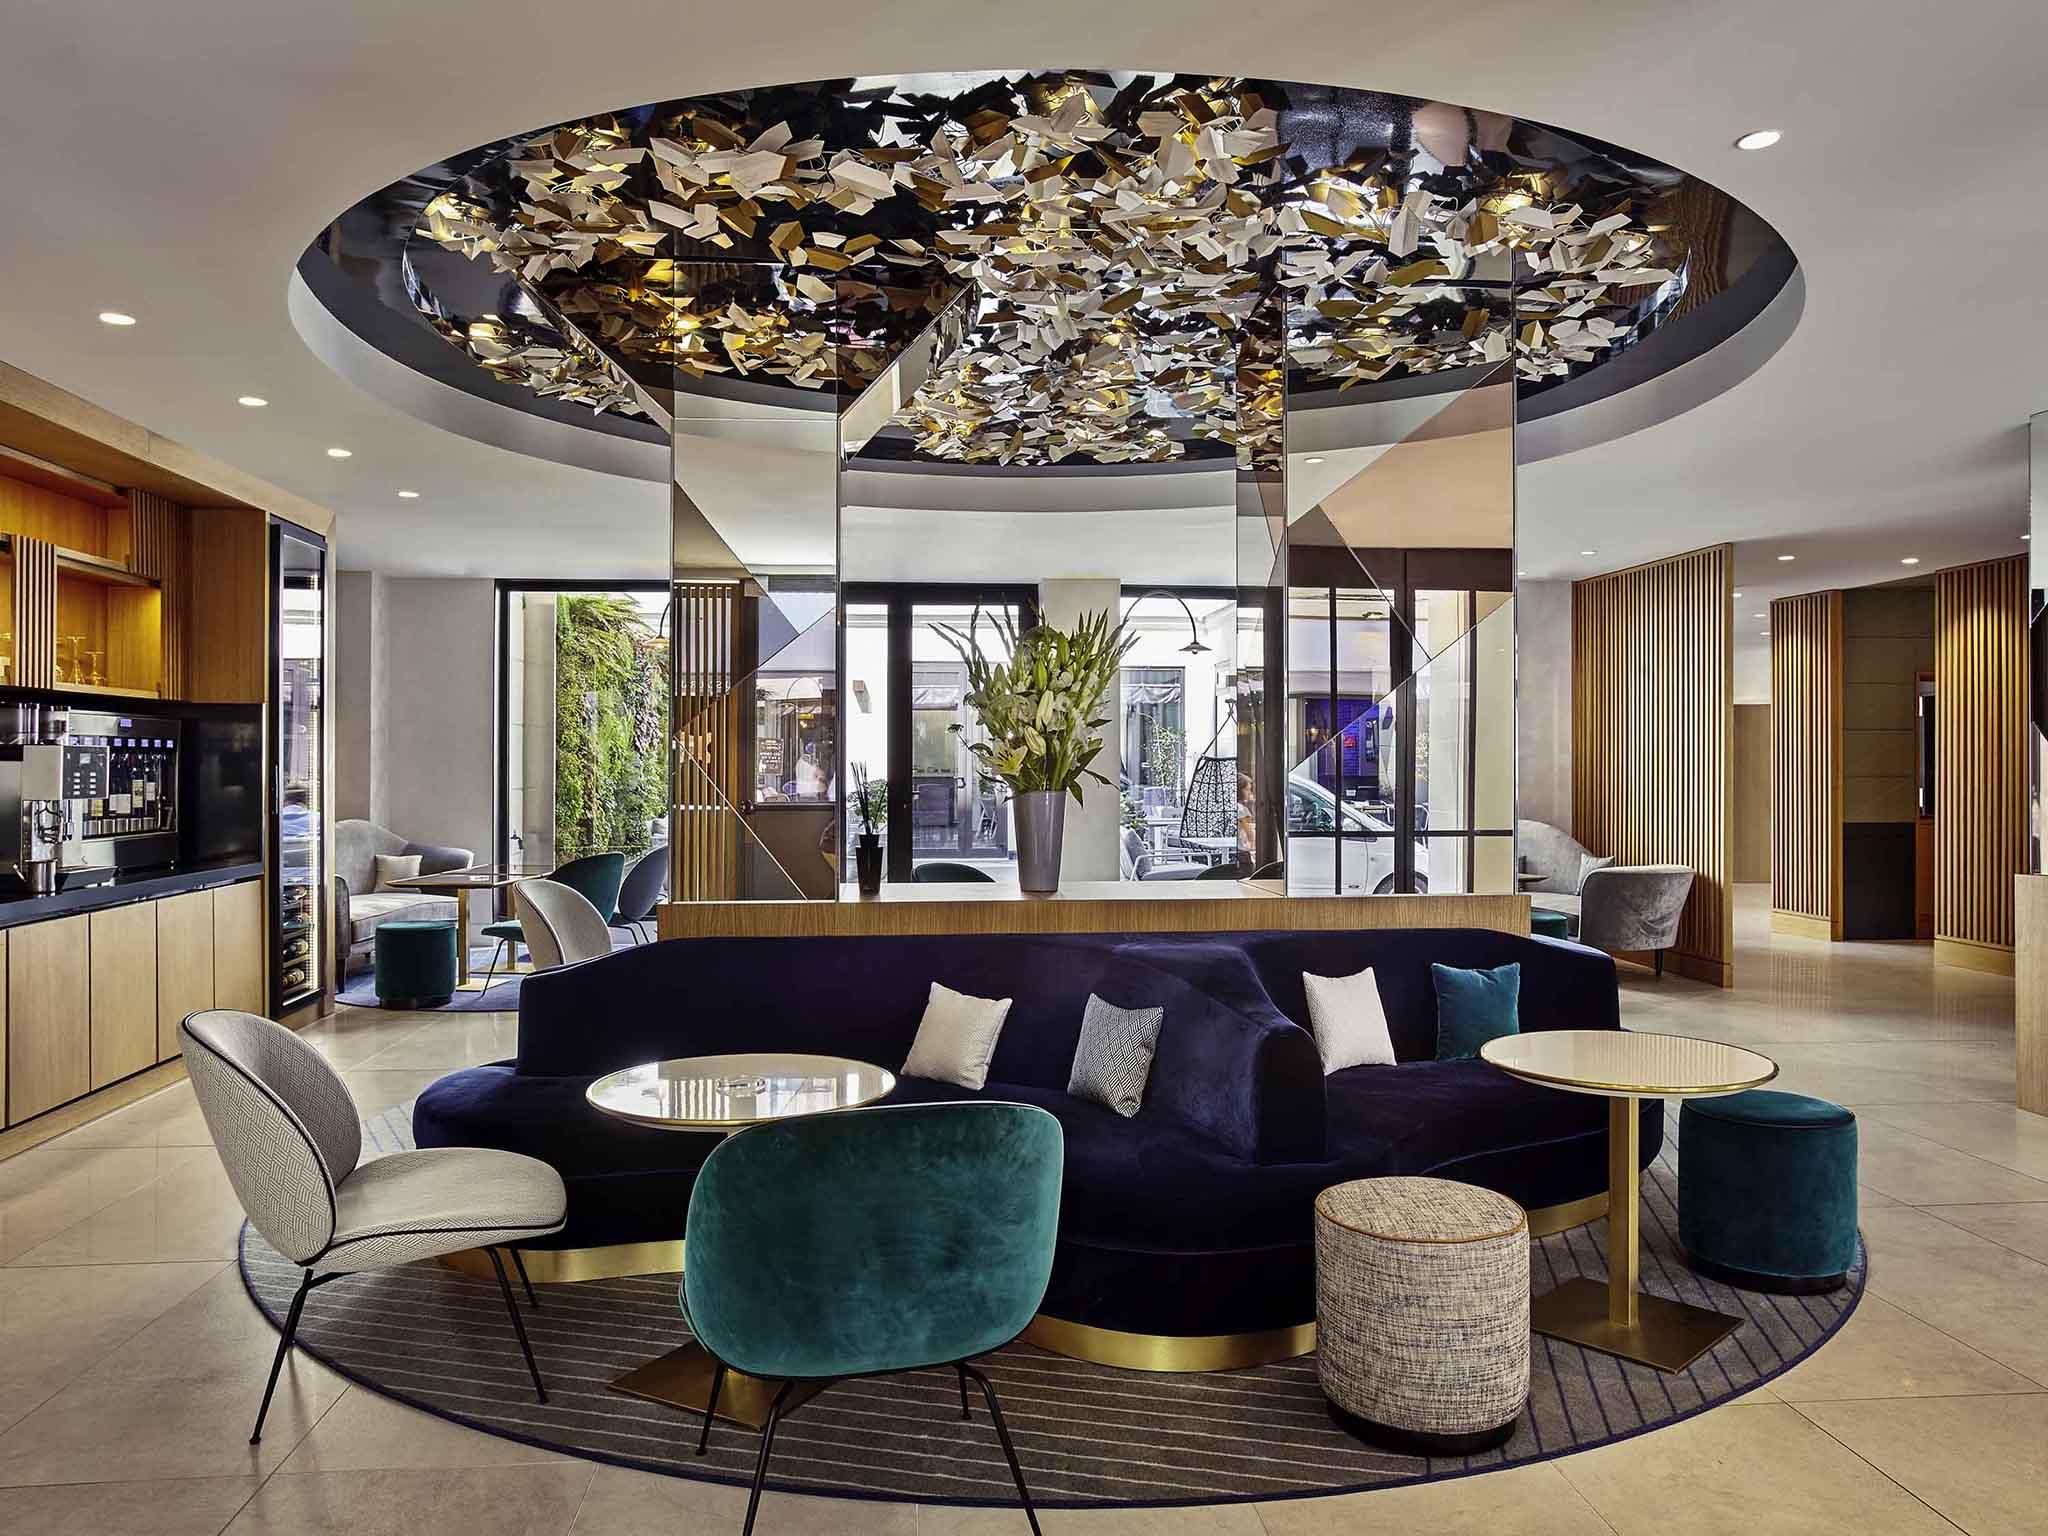 โรงแรม – โรงแรมเมอร์เคียว ปารีส โอเปร่า การ์นิเย